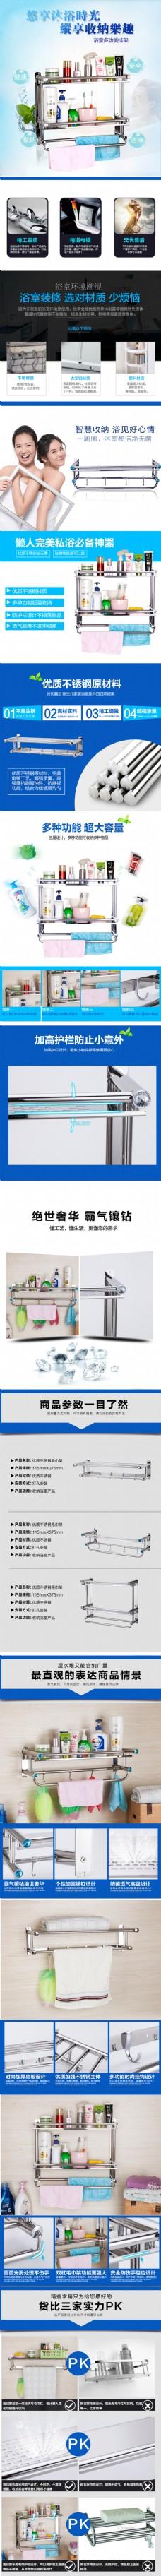 浴室架详情页海报